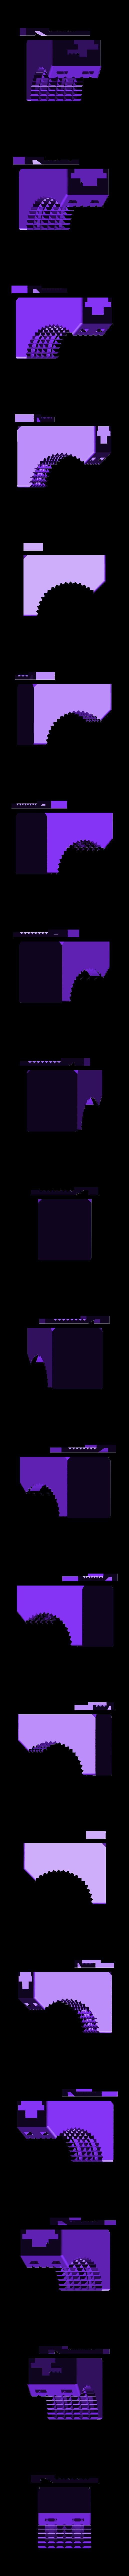 30mm_snapfit_handle_base_remix.stl Télécharger fichier STL gratuit poignée encliquetable pour montage sur barre (moletée, 22mm-34mm) • Objet imprimable en 3D, CyberCyclist